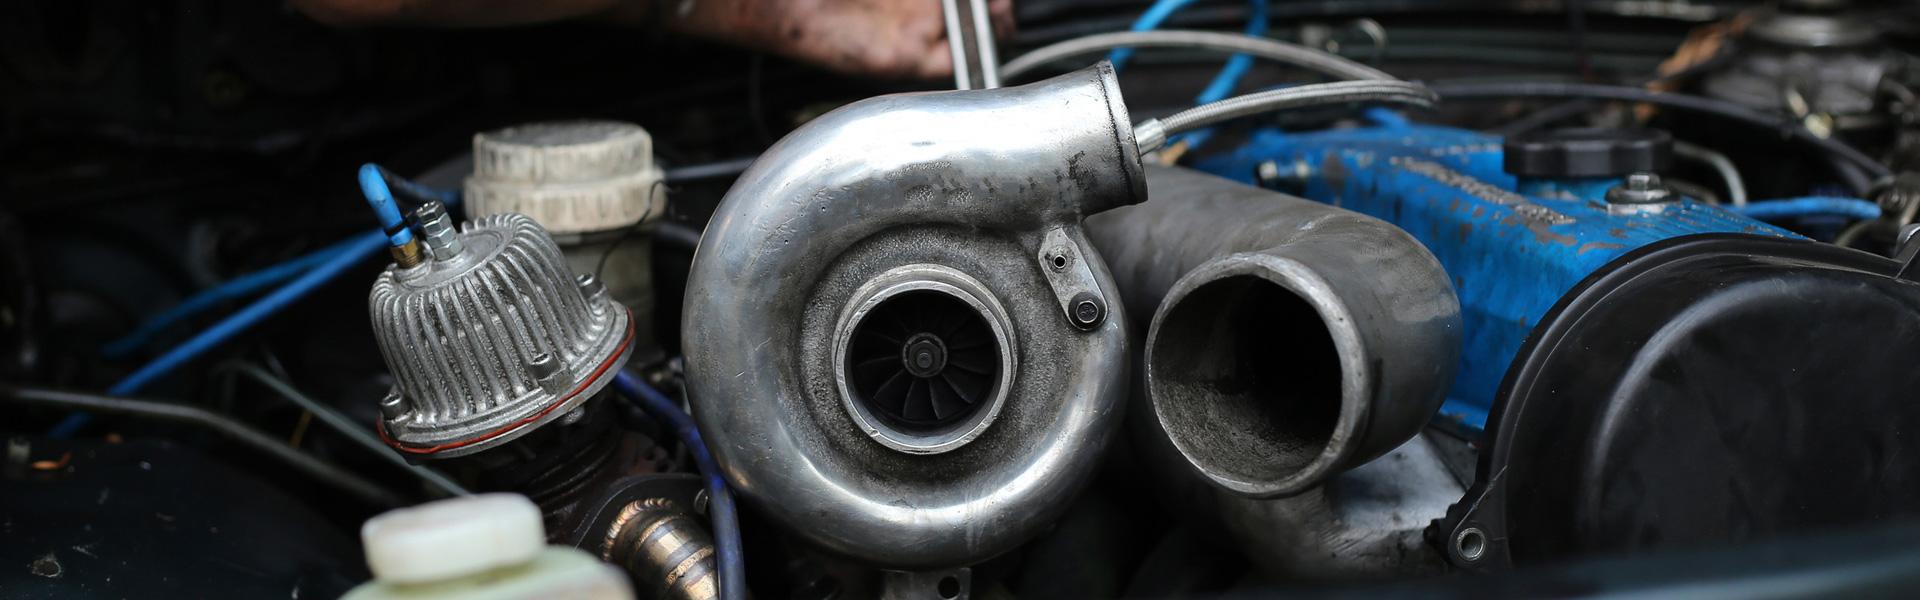 turbo udskiftning of reperation